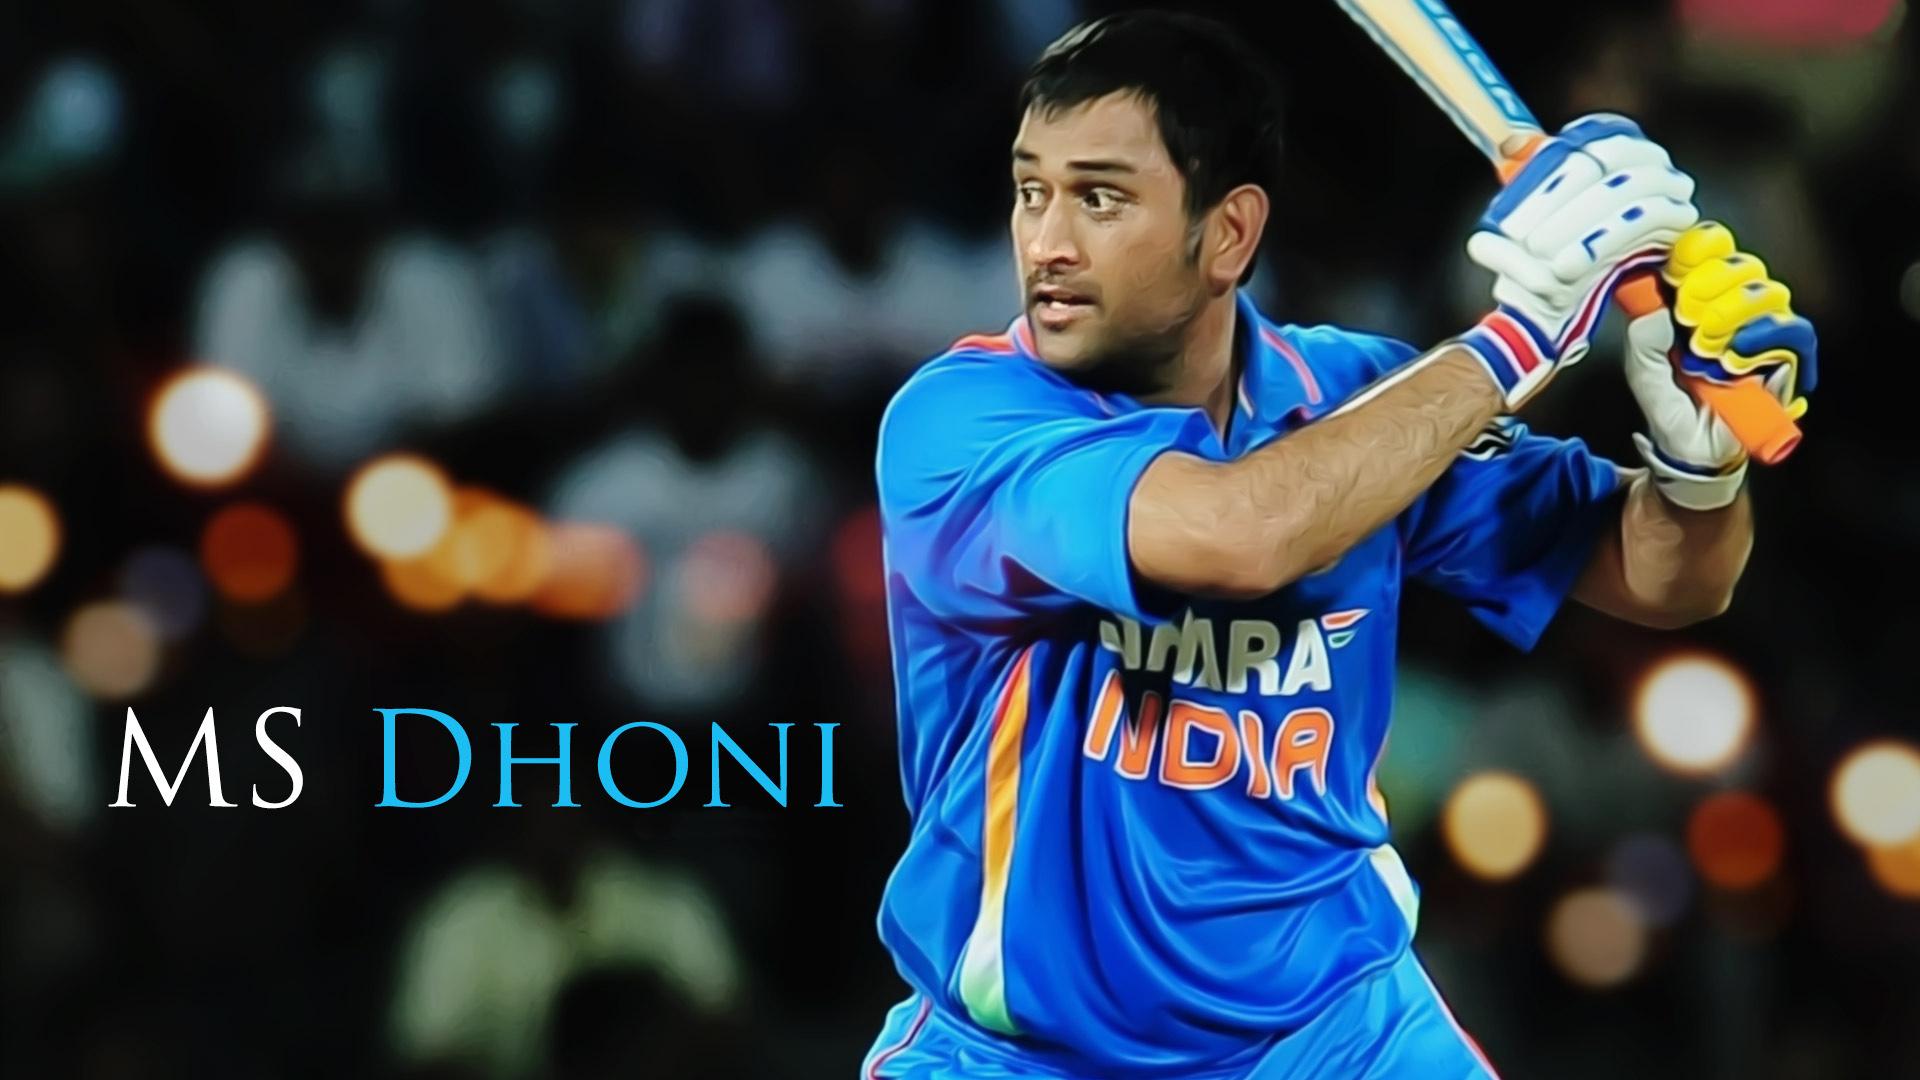 M. S. Dhoni - Biography